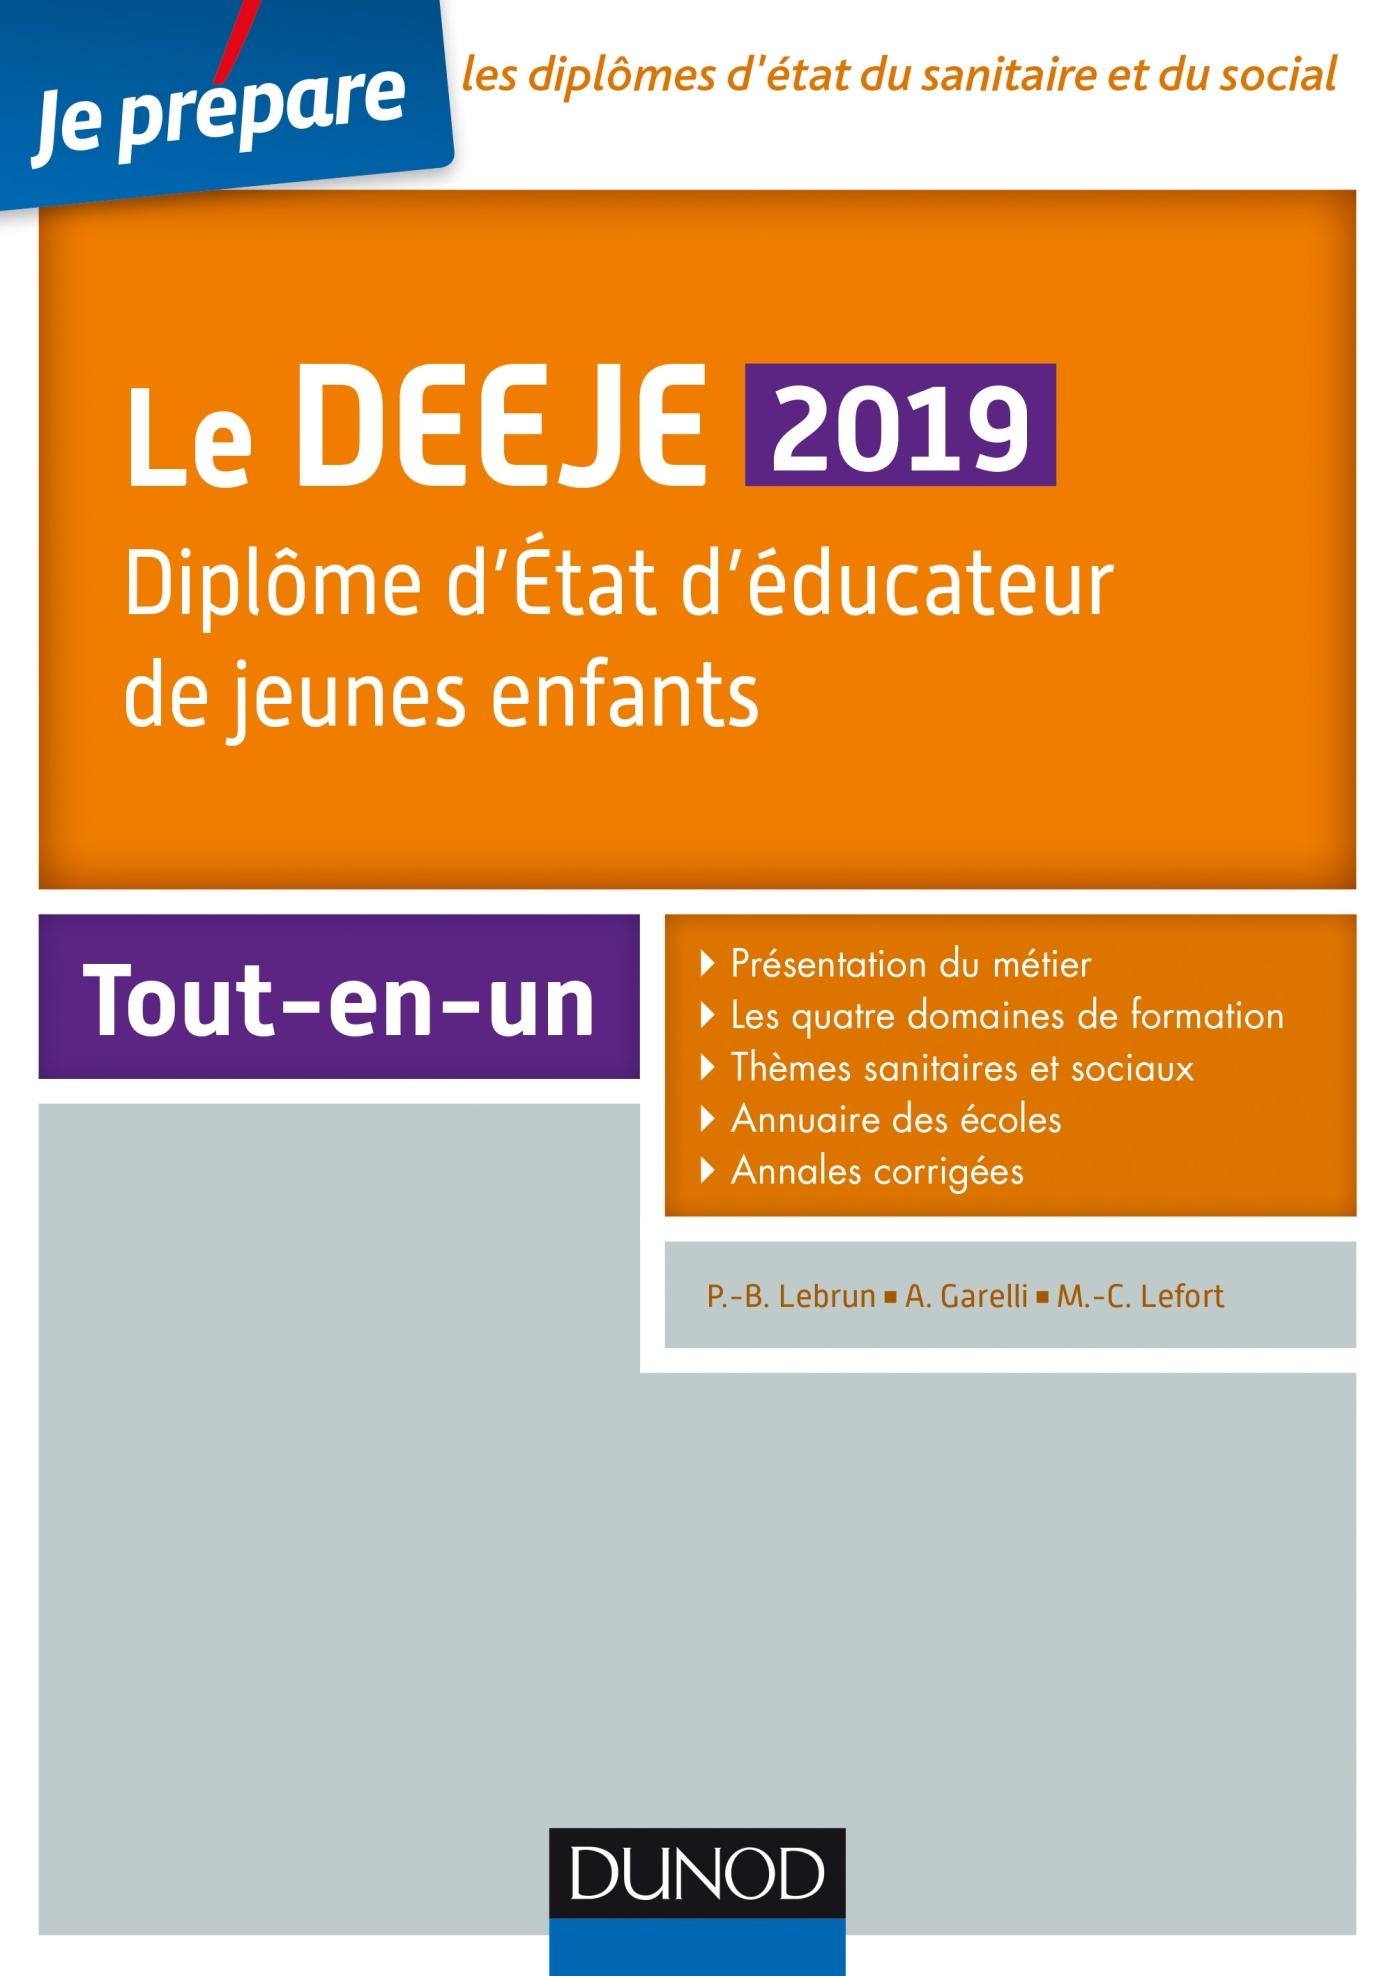 JE PREPARE - LE DEEJE 2019 - DIPLOME D'ETAT D'EDUCATEUR DE JEUNES ENFANTS - TOUT-EN-UN